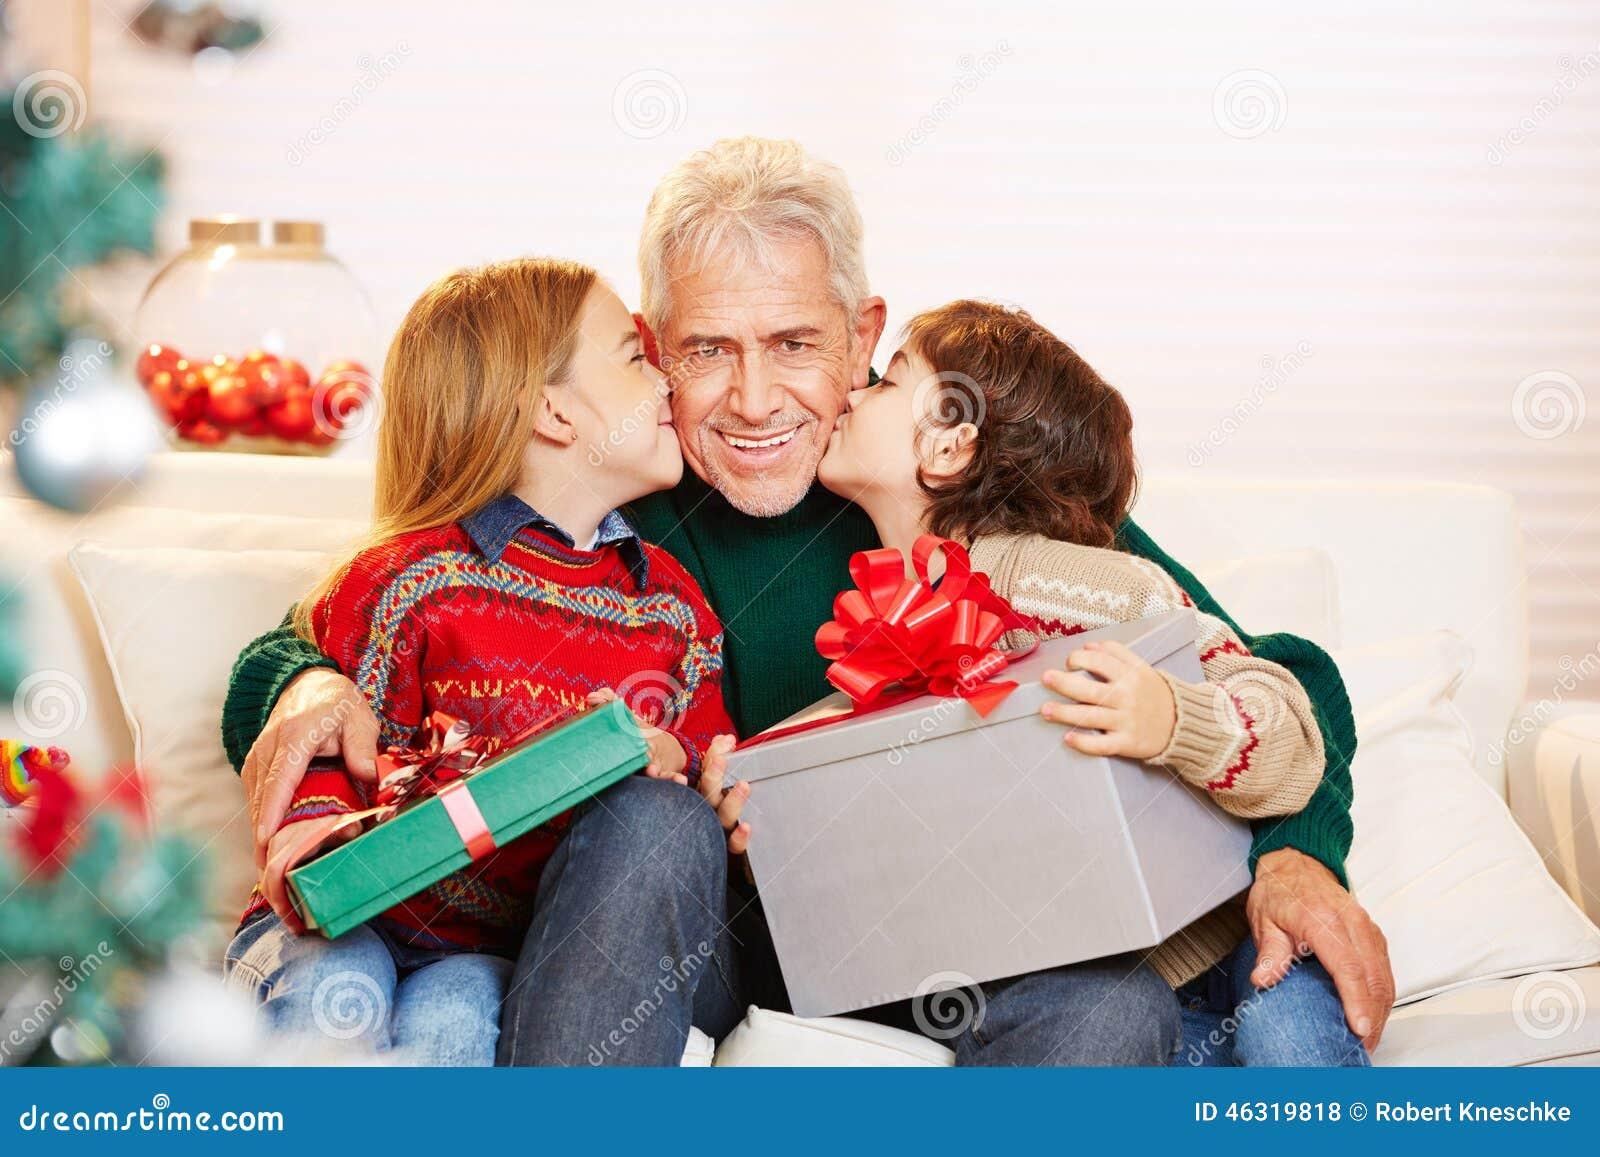 Kussen Voor Kinderen : Twee gelukkige kinderen is het geven van hun moeder een knuffel